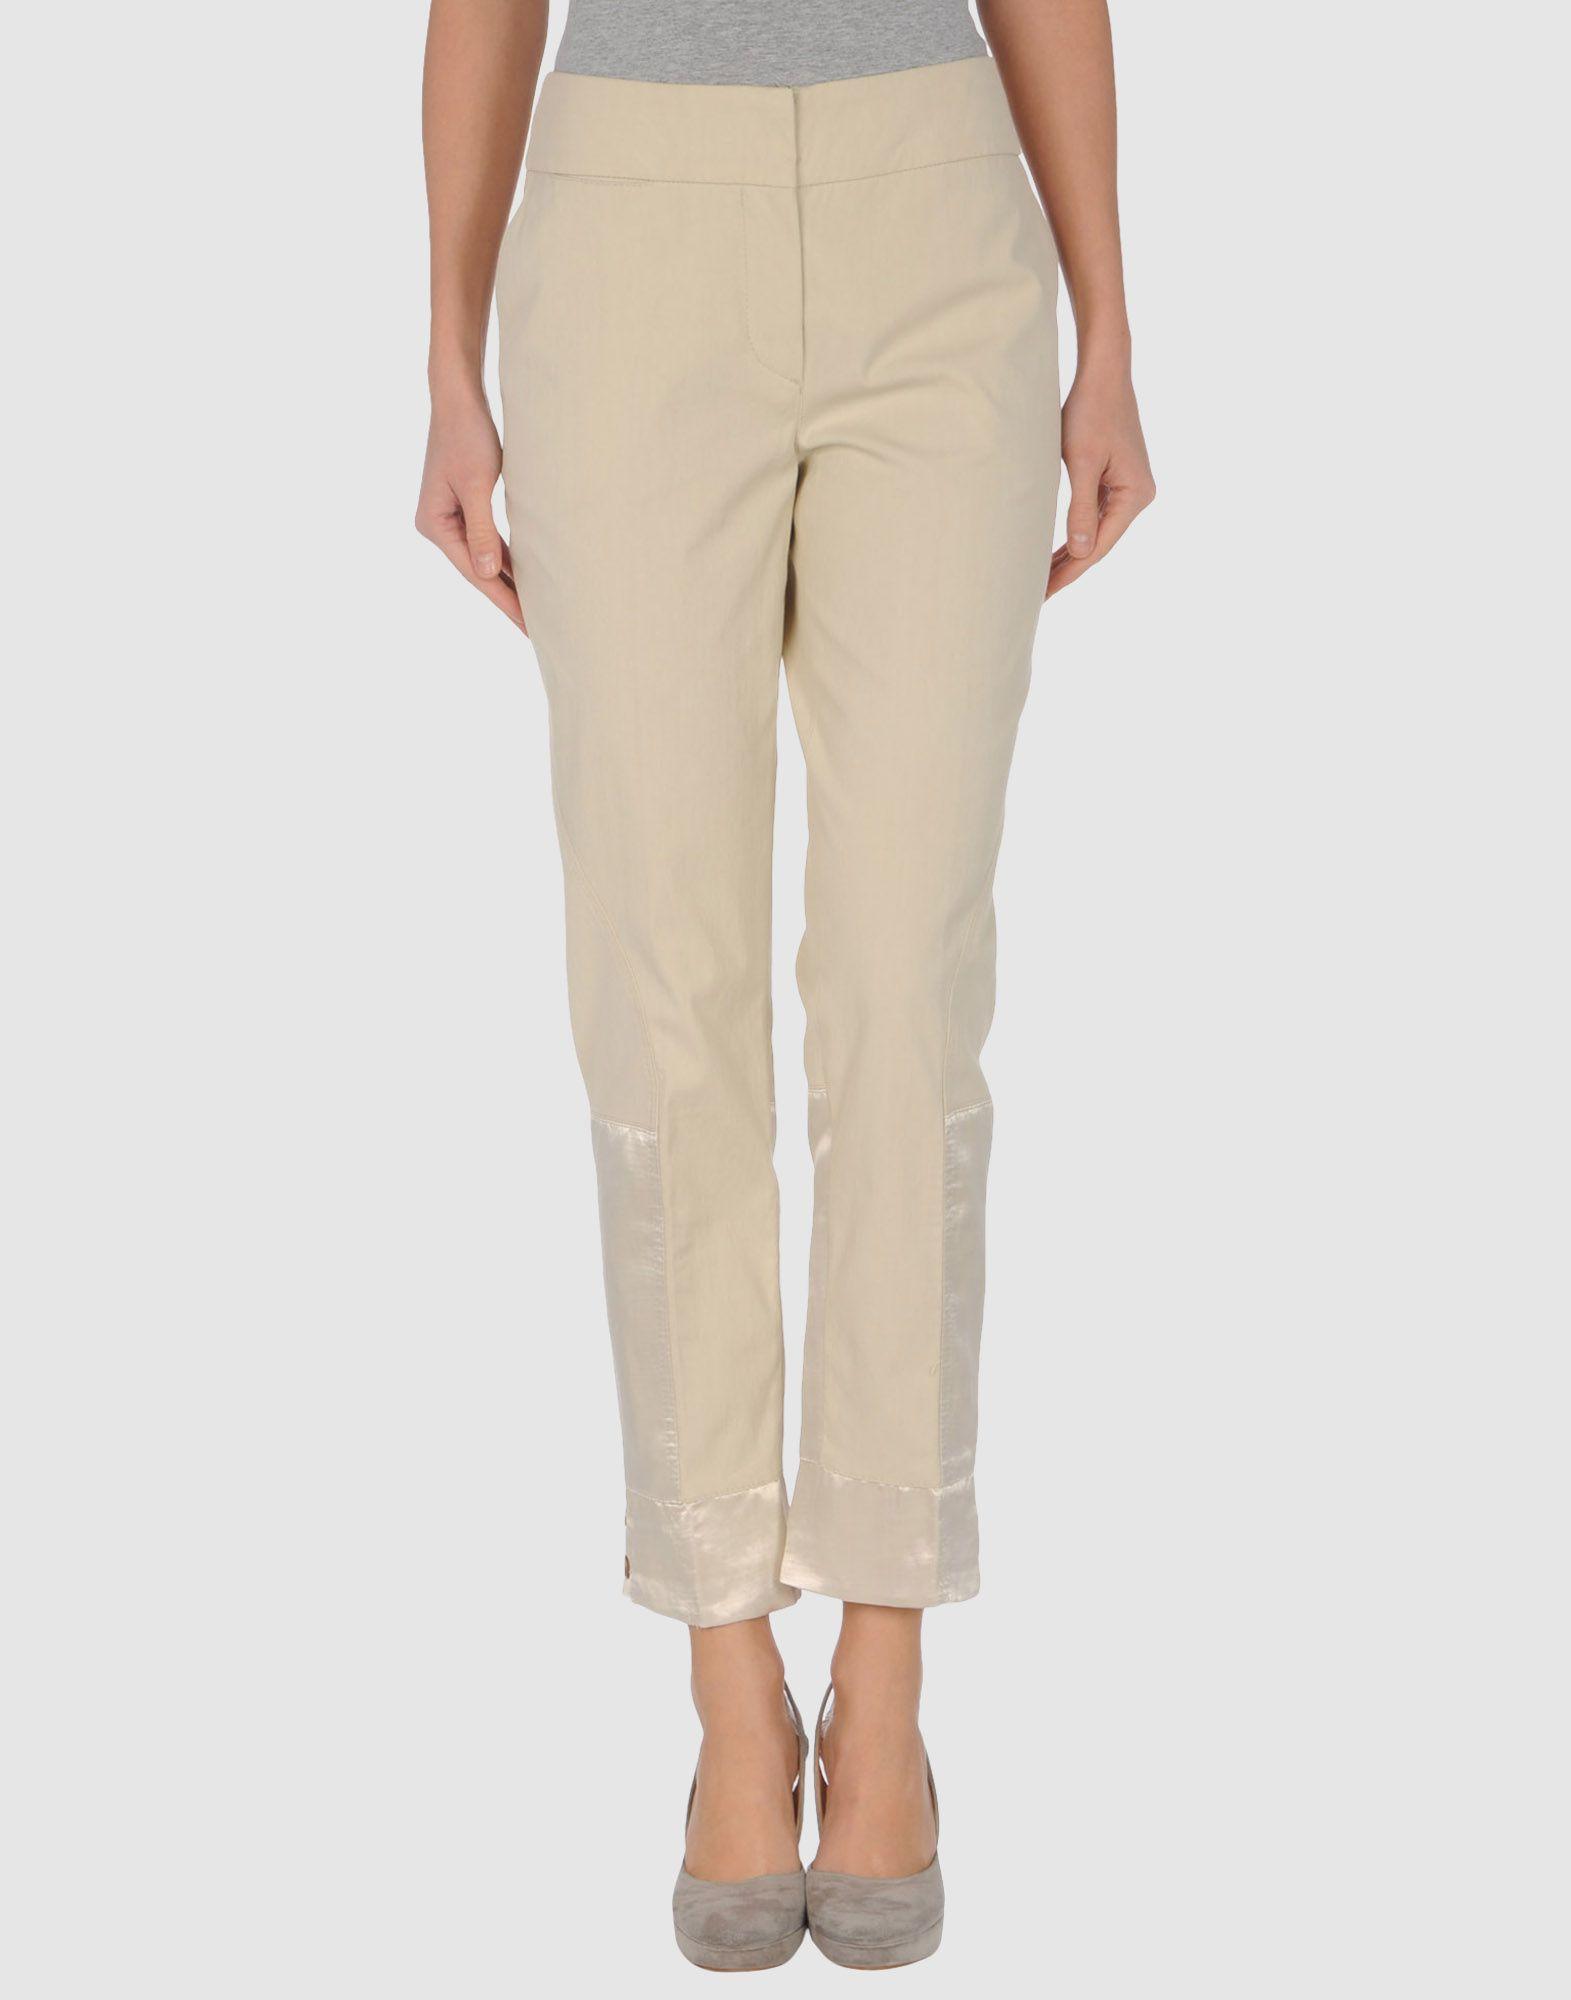 Pantalone Antonio Marras Donna - Acquista online su btkvJwgy